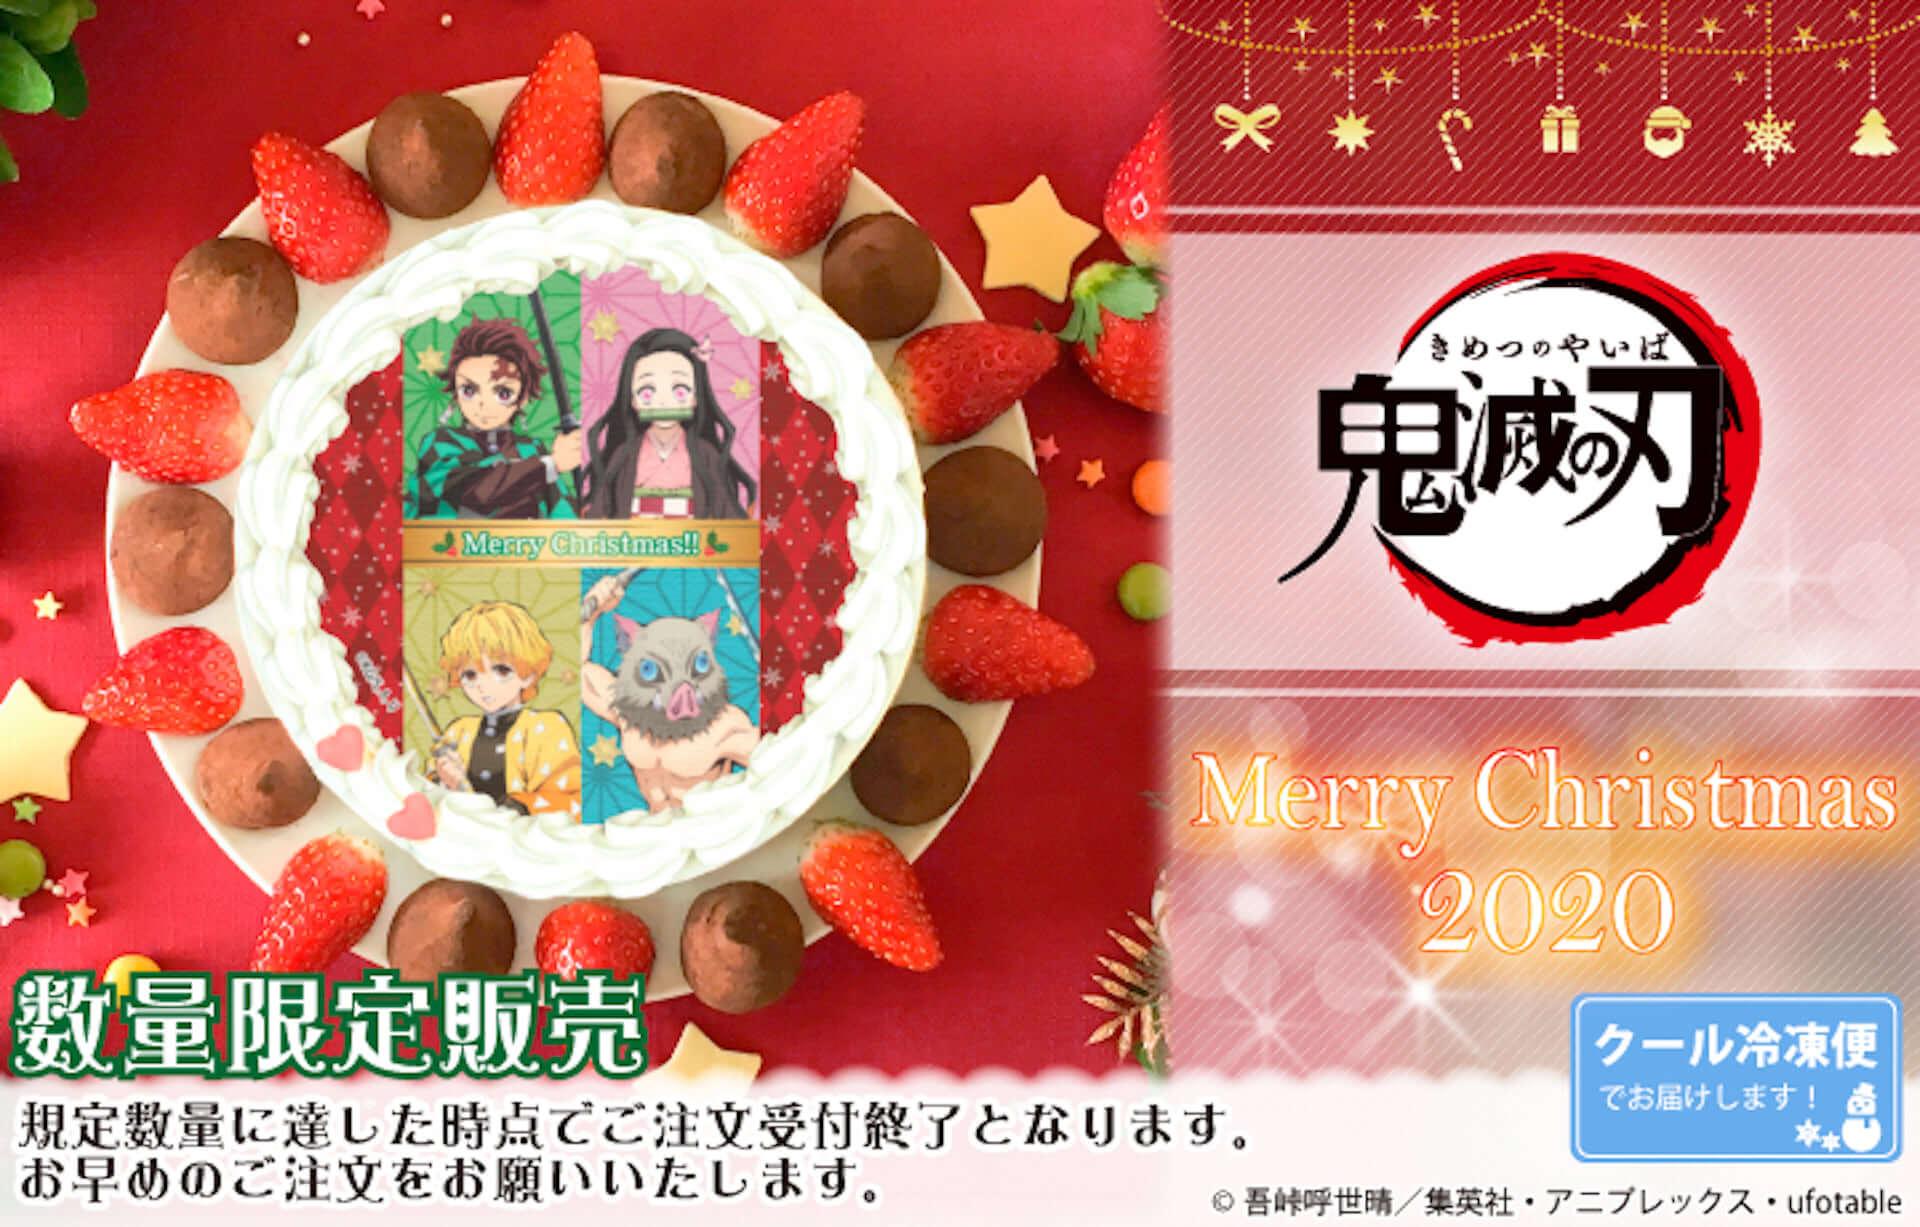 炭治郎、煉獄さん、善逸ら『鬼滅の刃』の人気キャラクターたちが全33種のクリスマスケーキに!「プリロール」にて数量限定で予約受付中 gourmet201118_kimetsu-cake_1-1920x1227